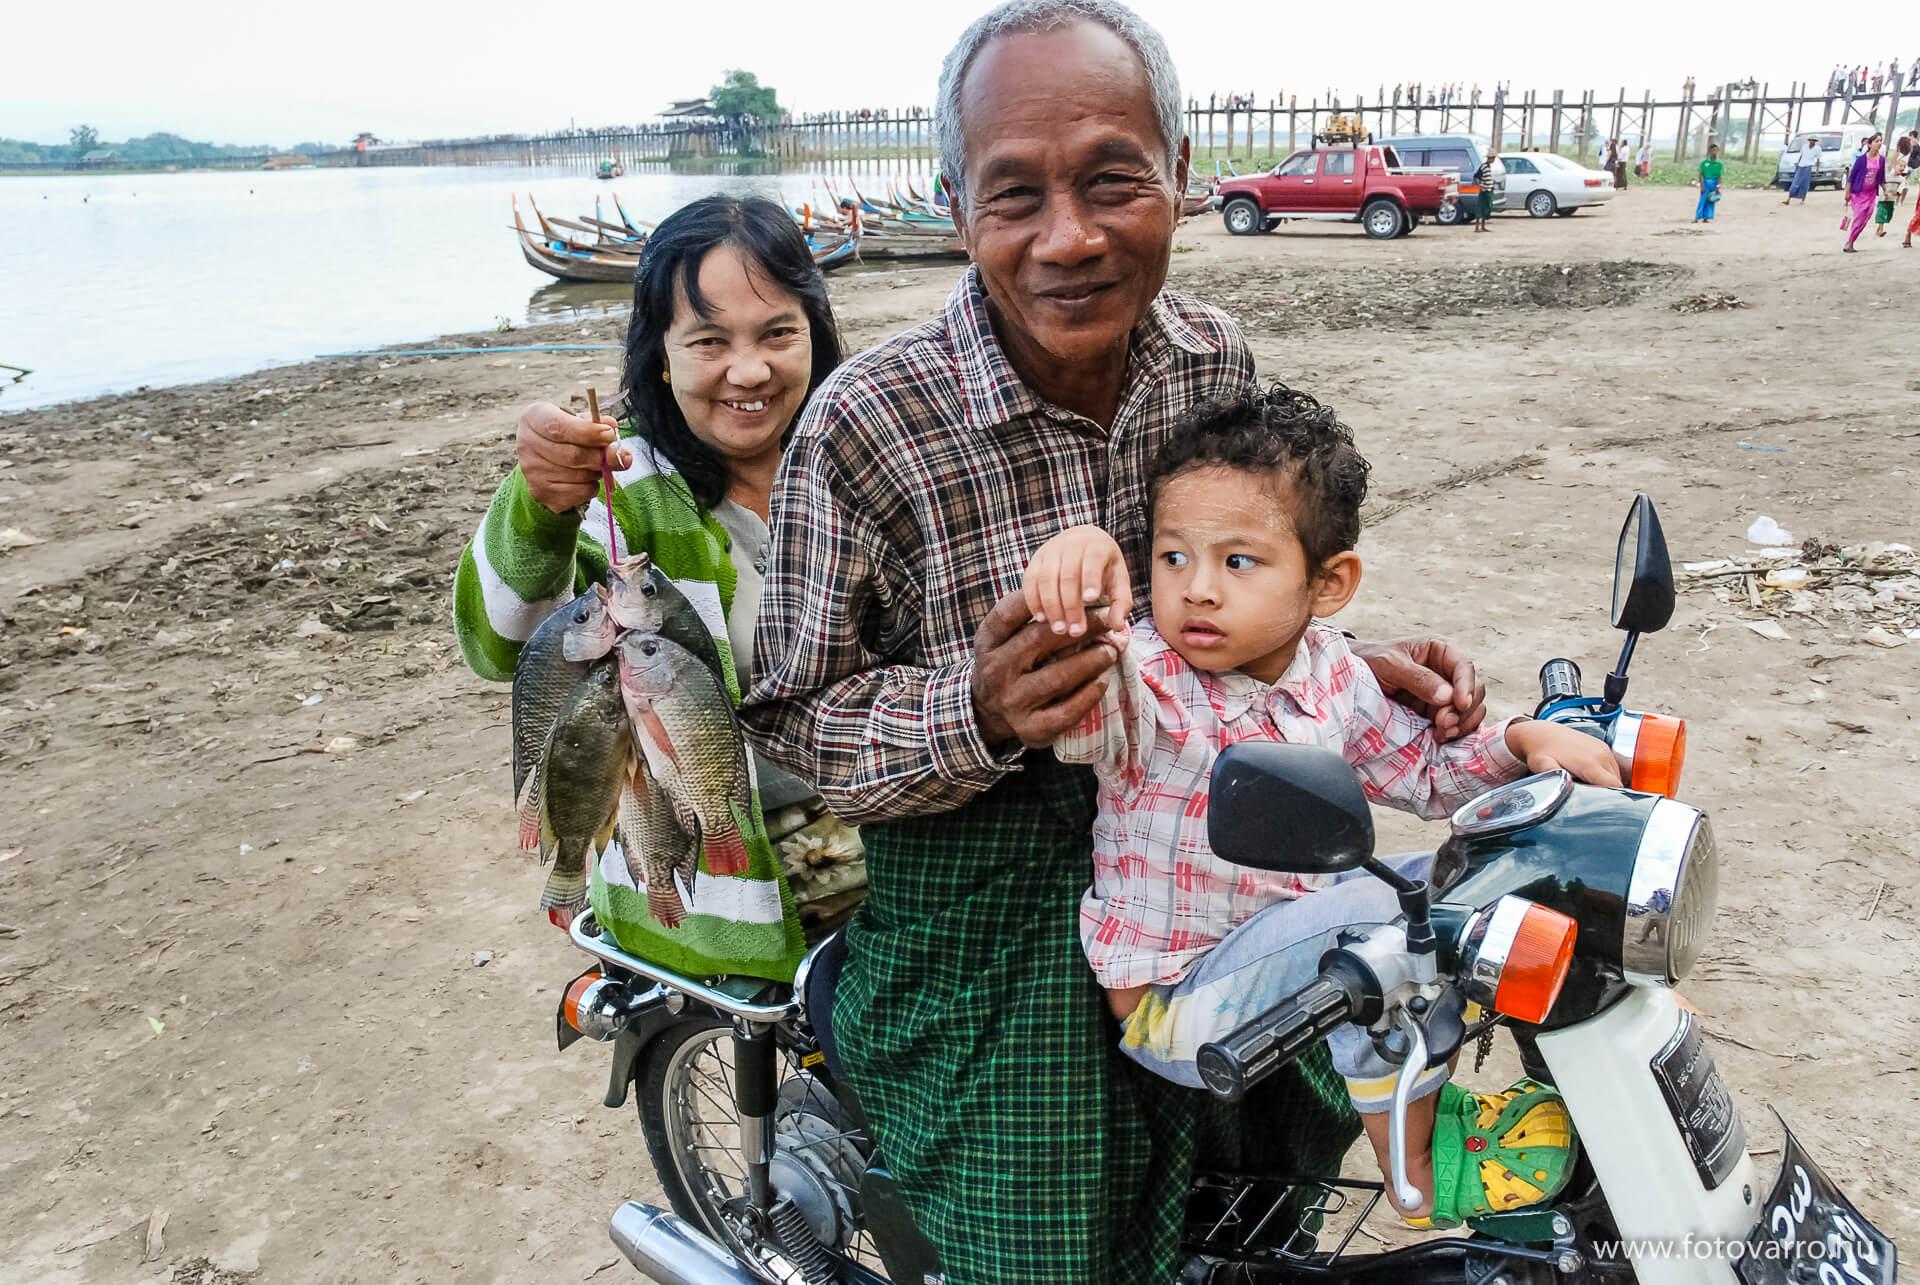 Burma_fotovarro_6